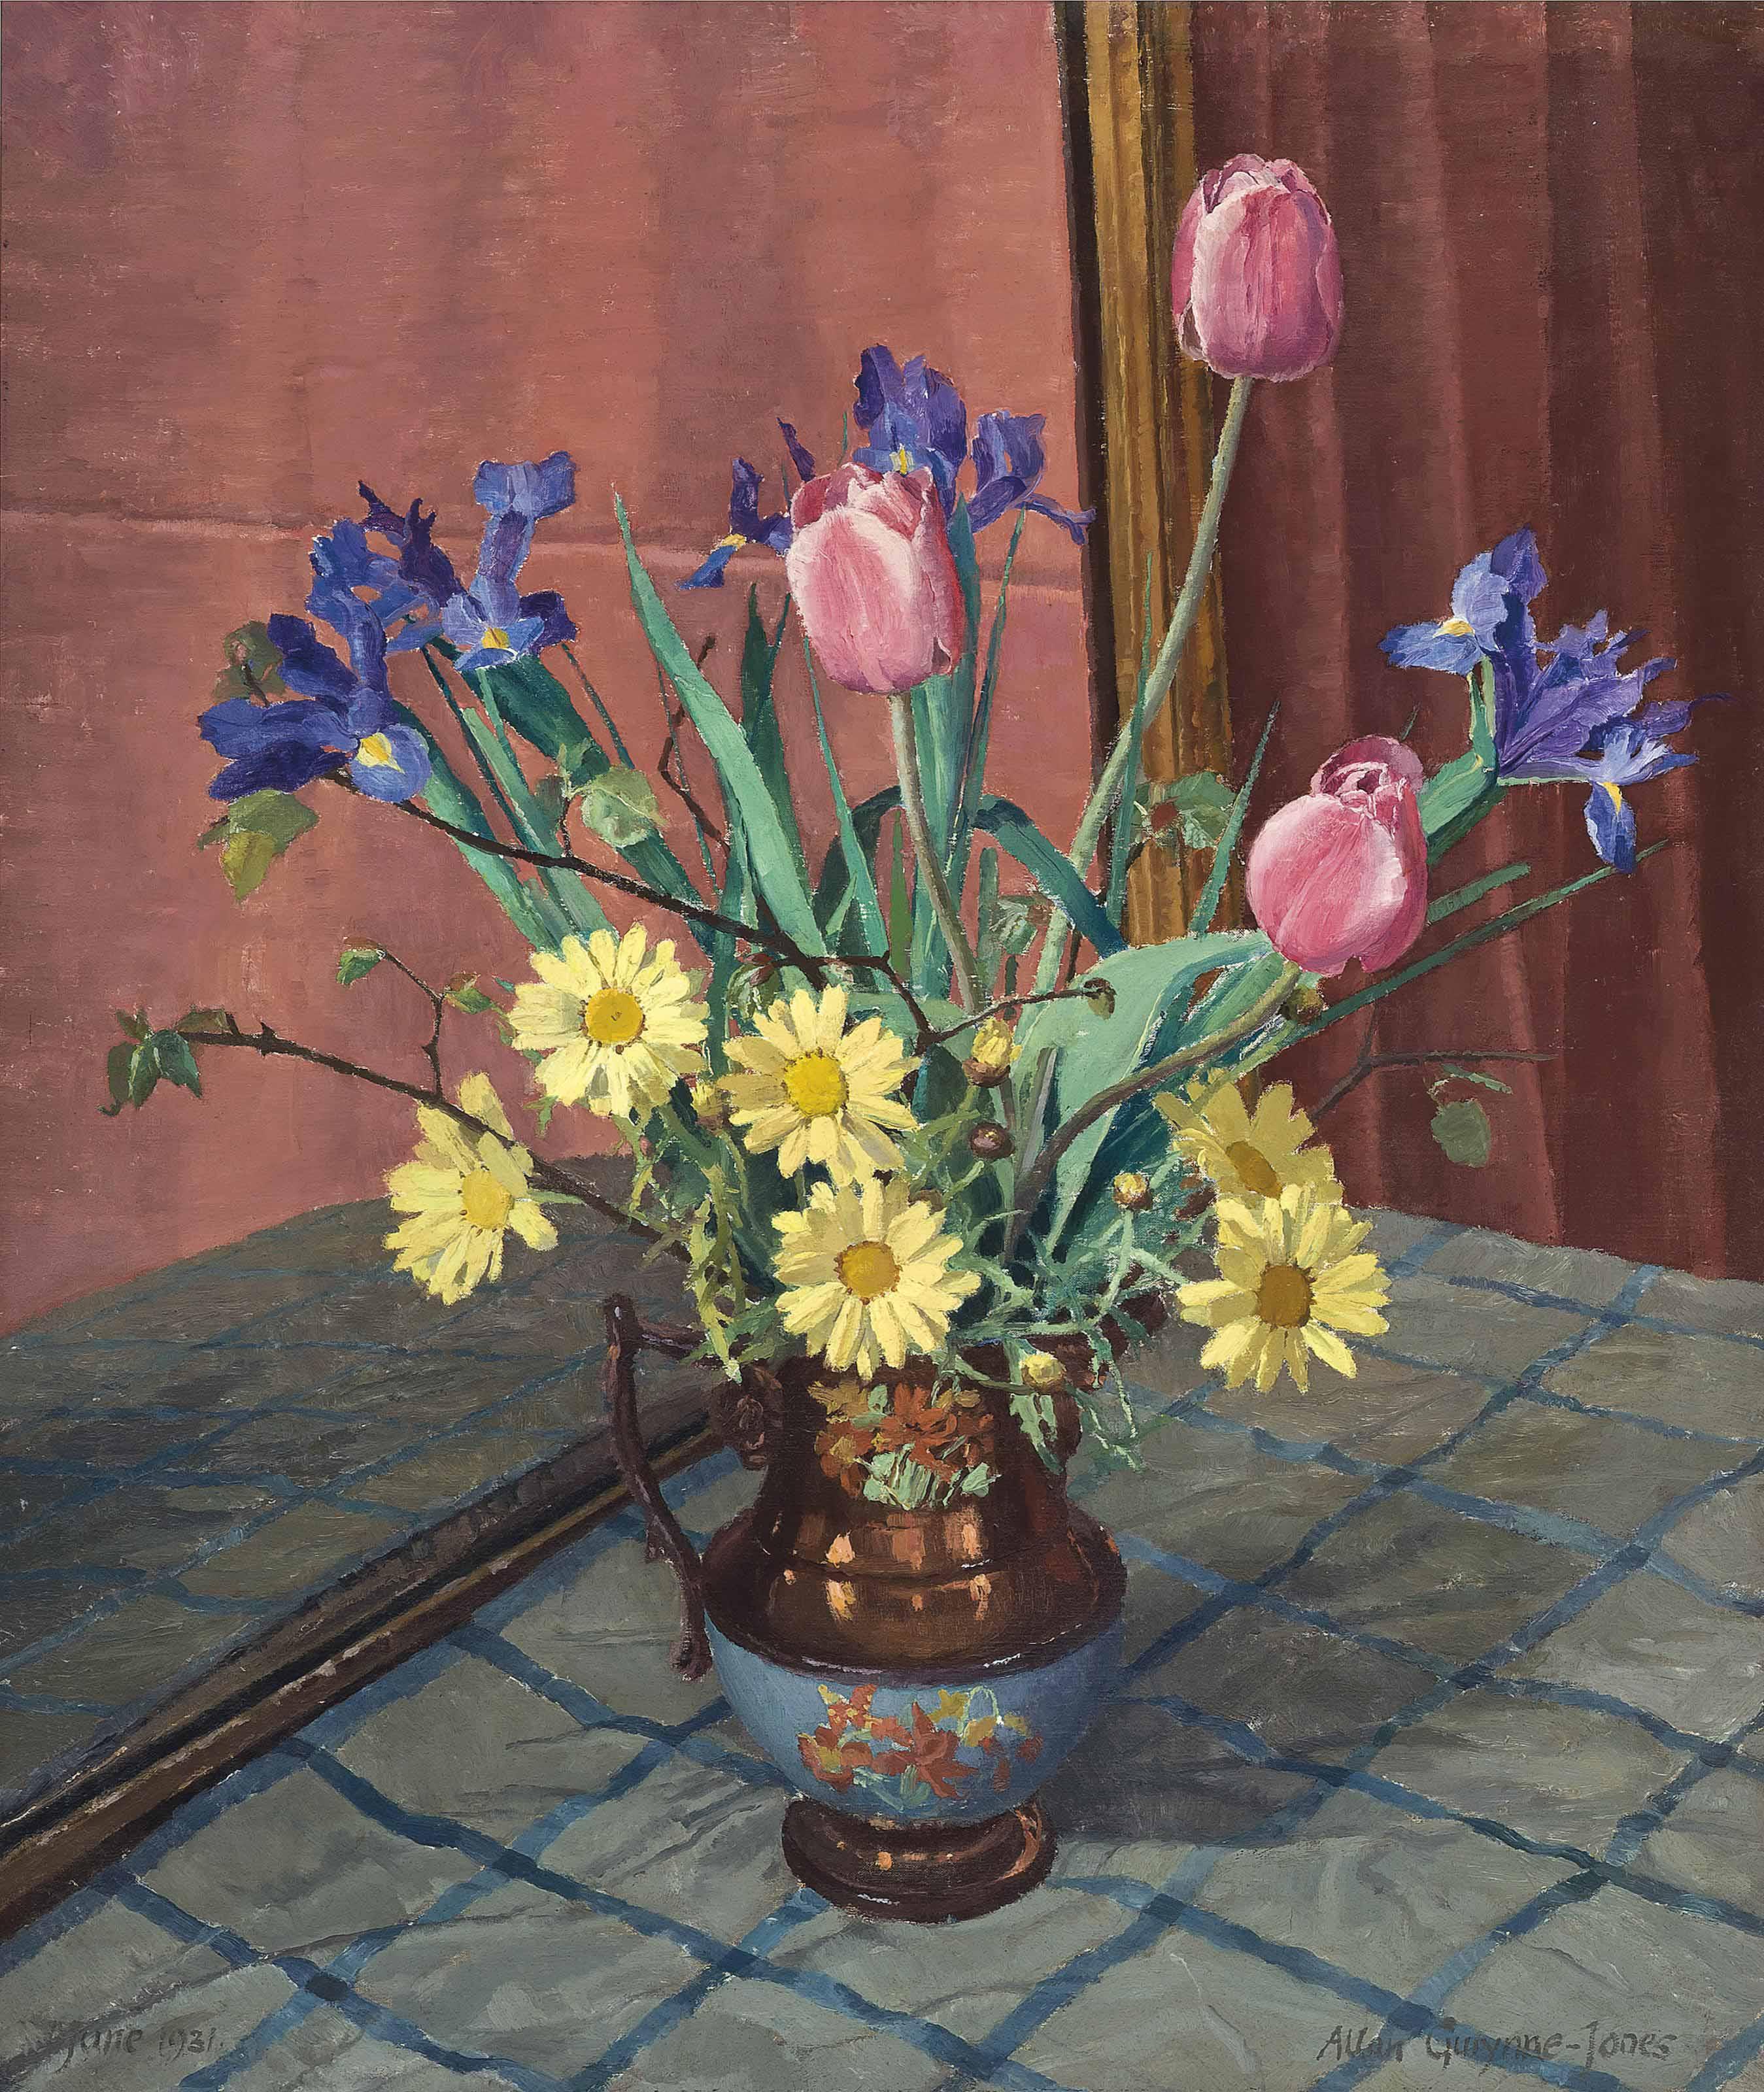 Tulips, Irises and Daisies